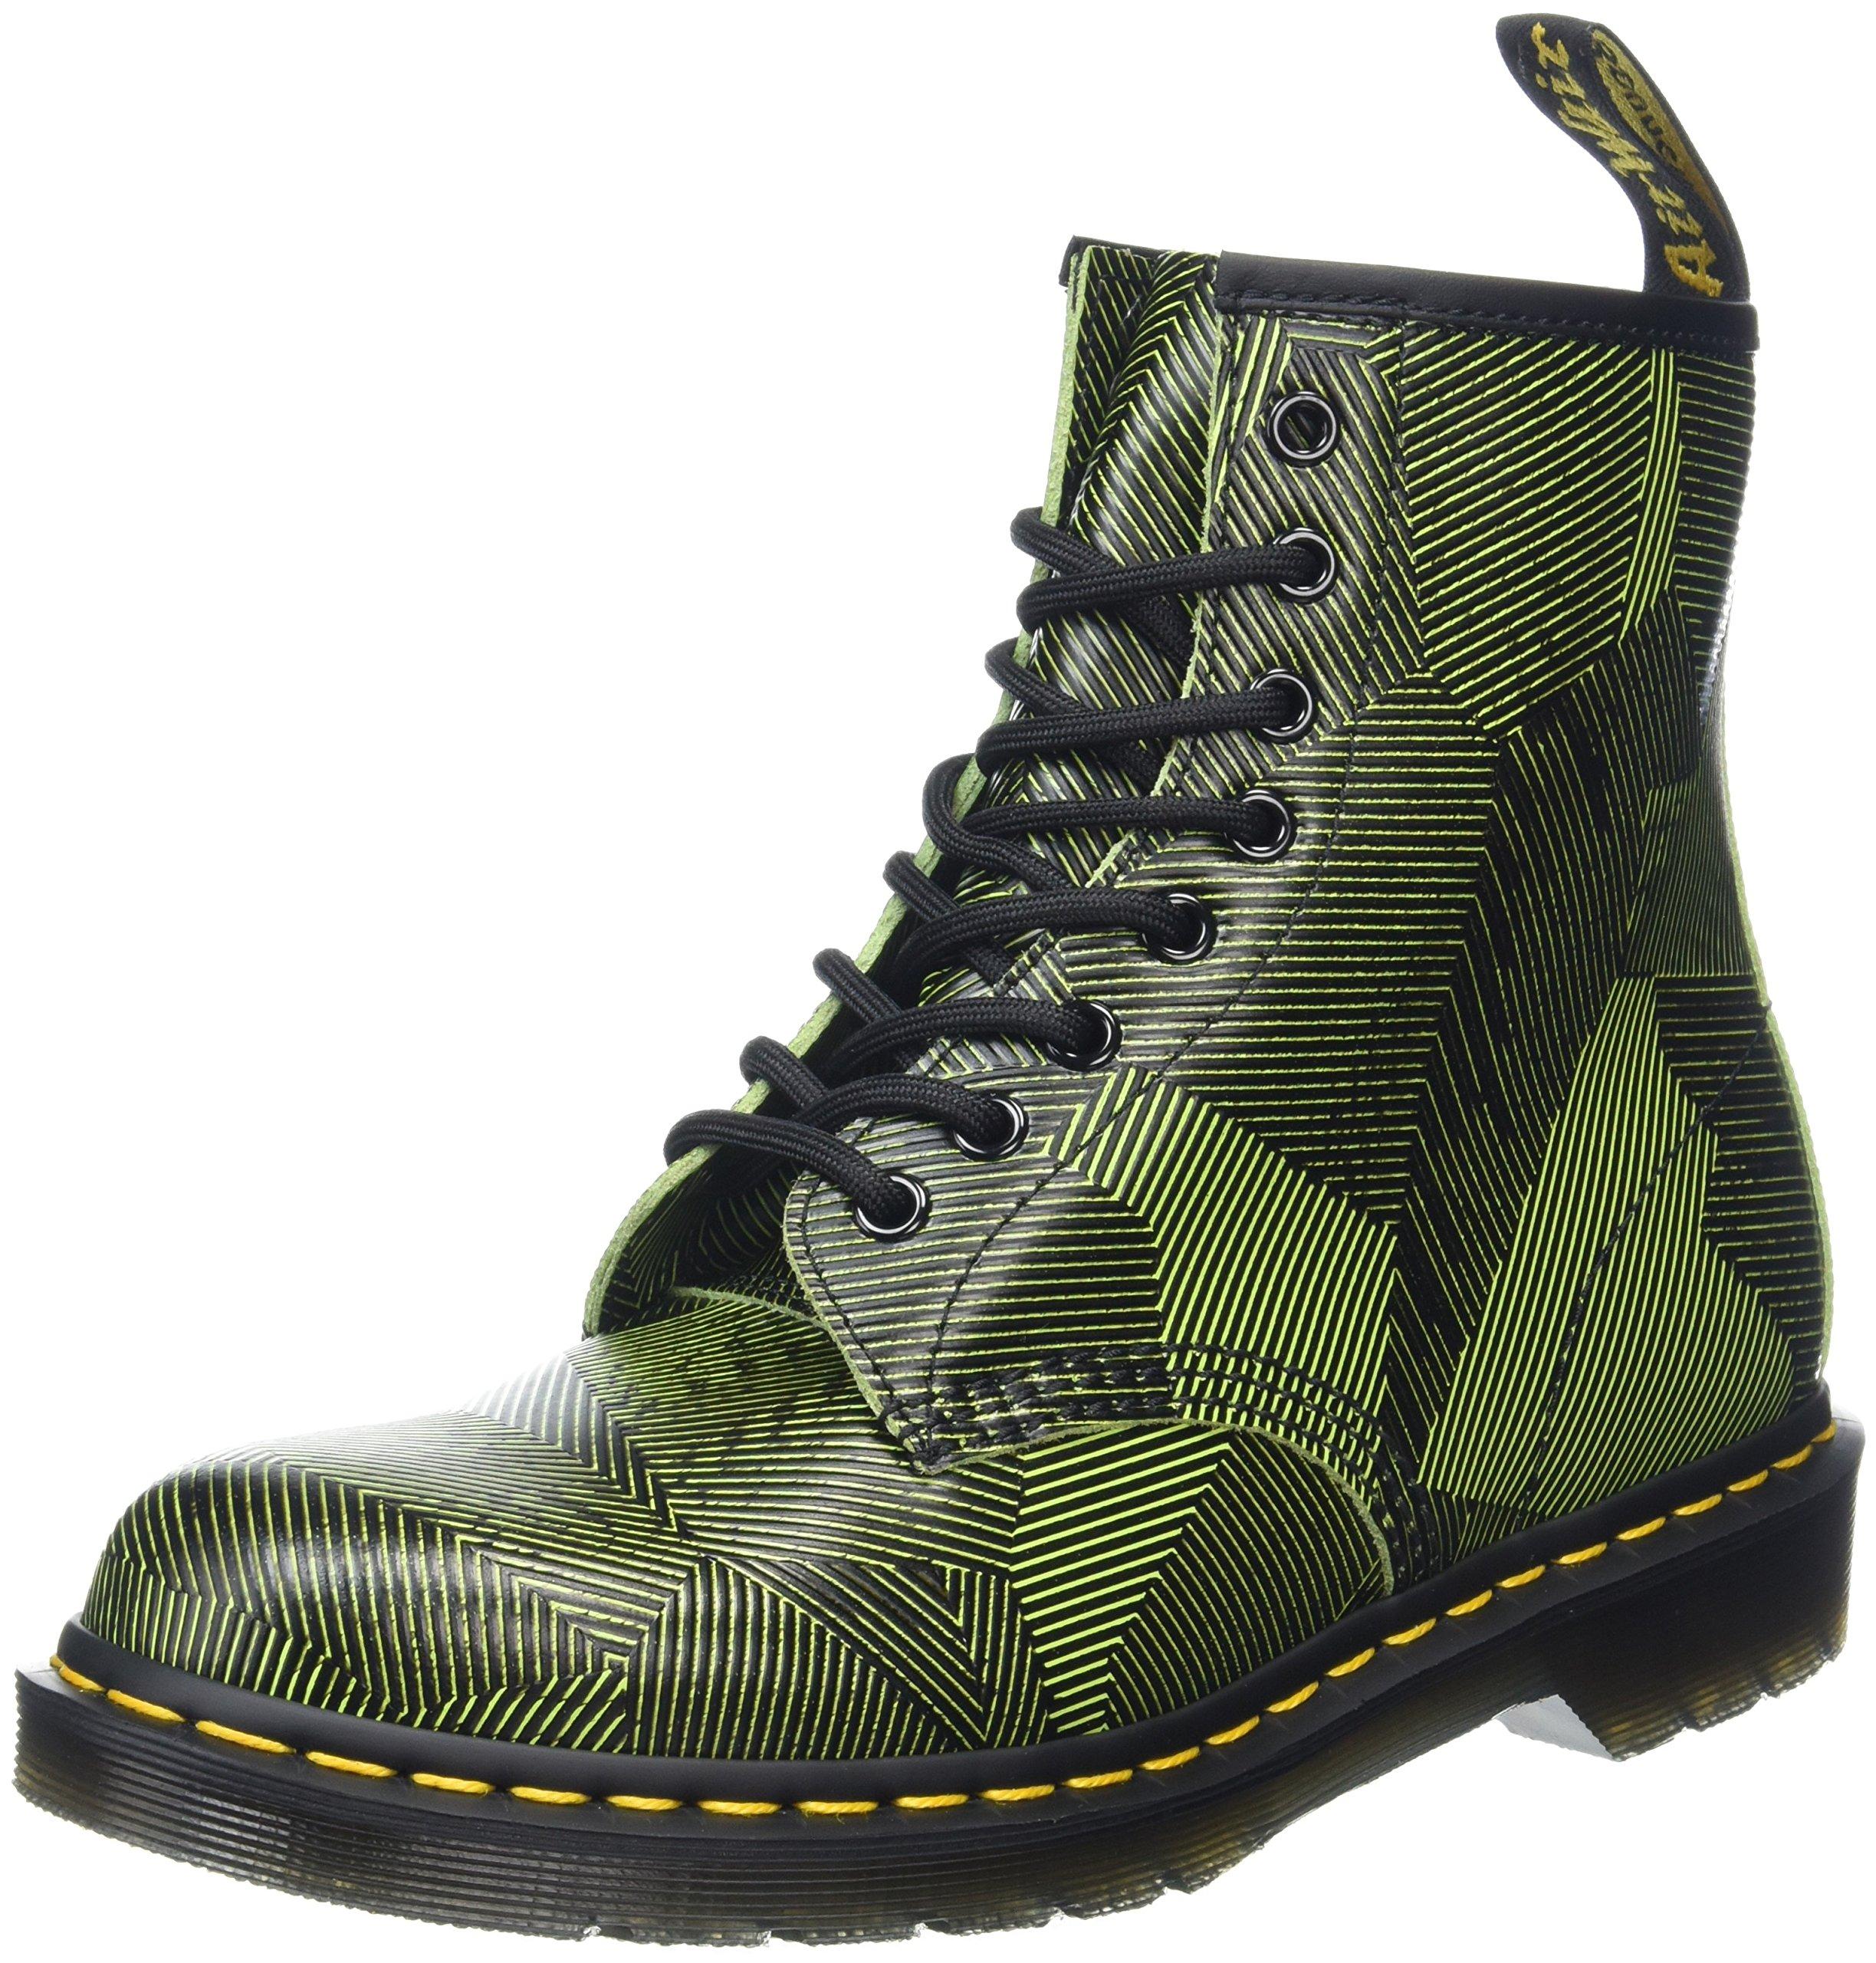 6d4852e983f Dr. Martens Mens 1460 Combat Boot, Neon Yellow/Black Geostripe, Size UK 9  (10 M US Men/11 M US Women)